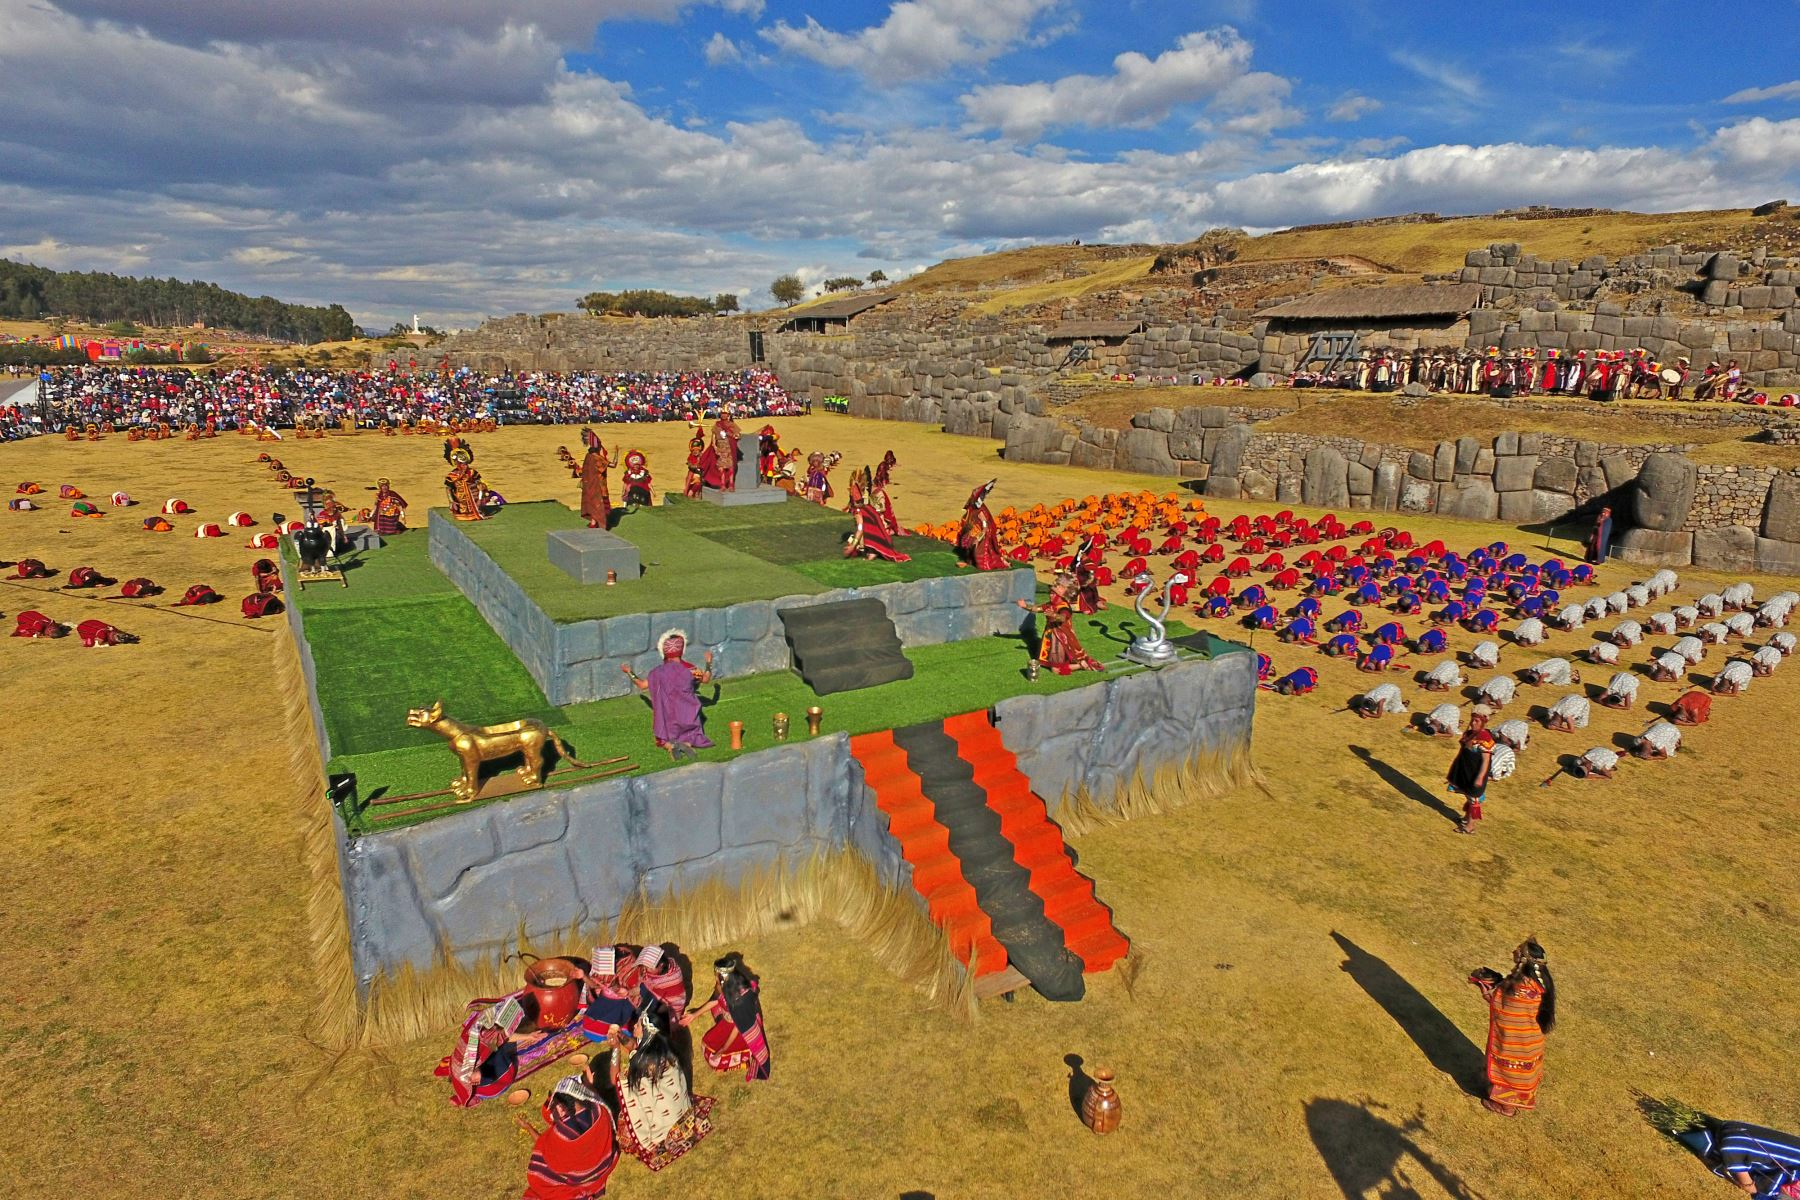 """Parque arqueológico Sacsayhuamán Sacsayhuamán se deriva de los términos quechuas """"saqsay"""" y """"waman"""", que traducidos al español significan """"sáciate halcón""""). Este impresionante centro arqueológico se encuentra a 3,555 metros sobre el nivel del mar, a un kilómetro del barrio inca de Qolqanpata.  Foto: ANDINA/EMUFEC"""